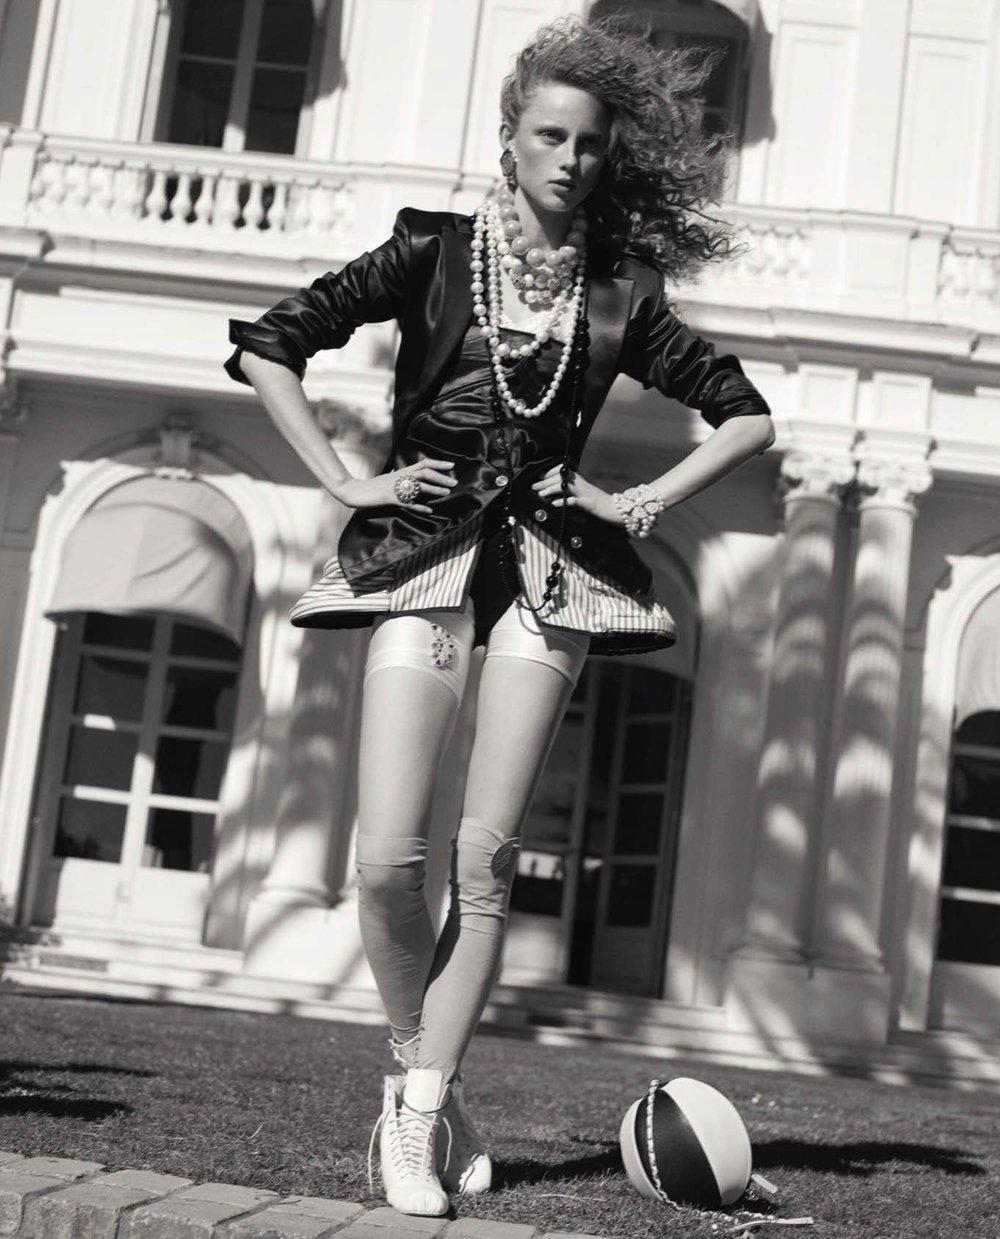 Rianne-Van-Rompaey-Vogue-Italia-April-2019- (5).jpg